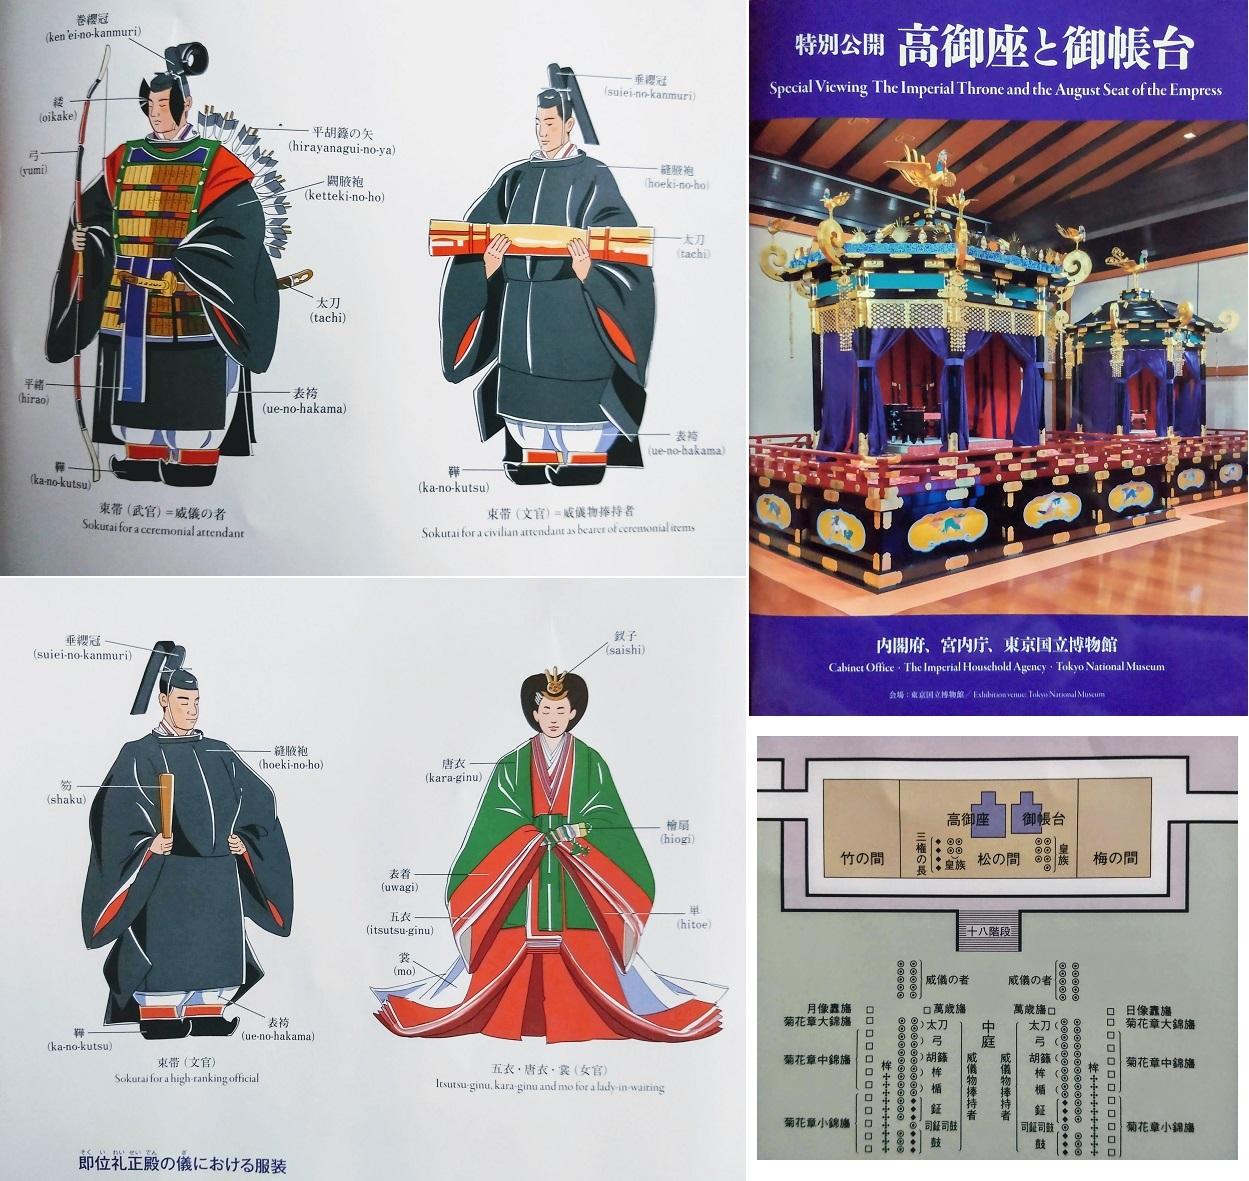 特別公開「高御座と御帳台」@東京国立博物館_a0057402_08243410.jpg